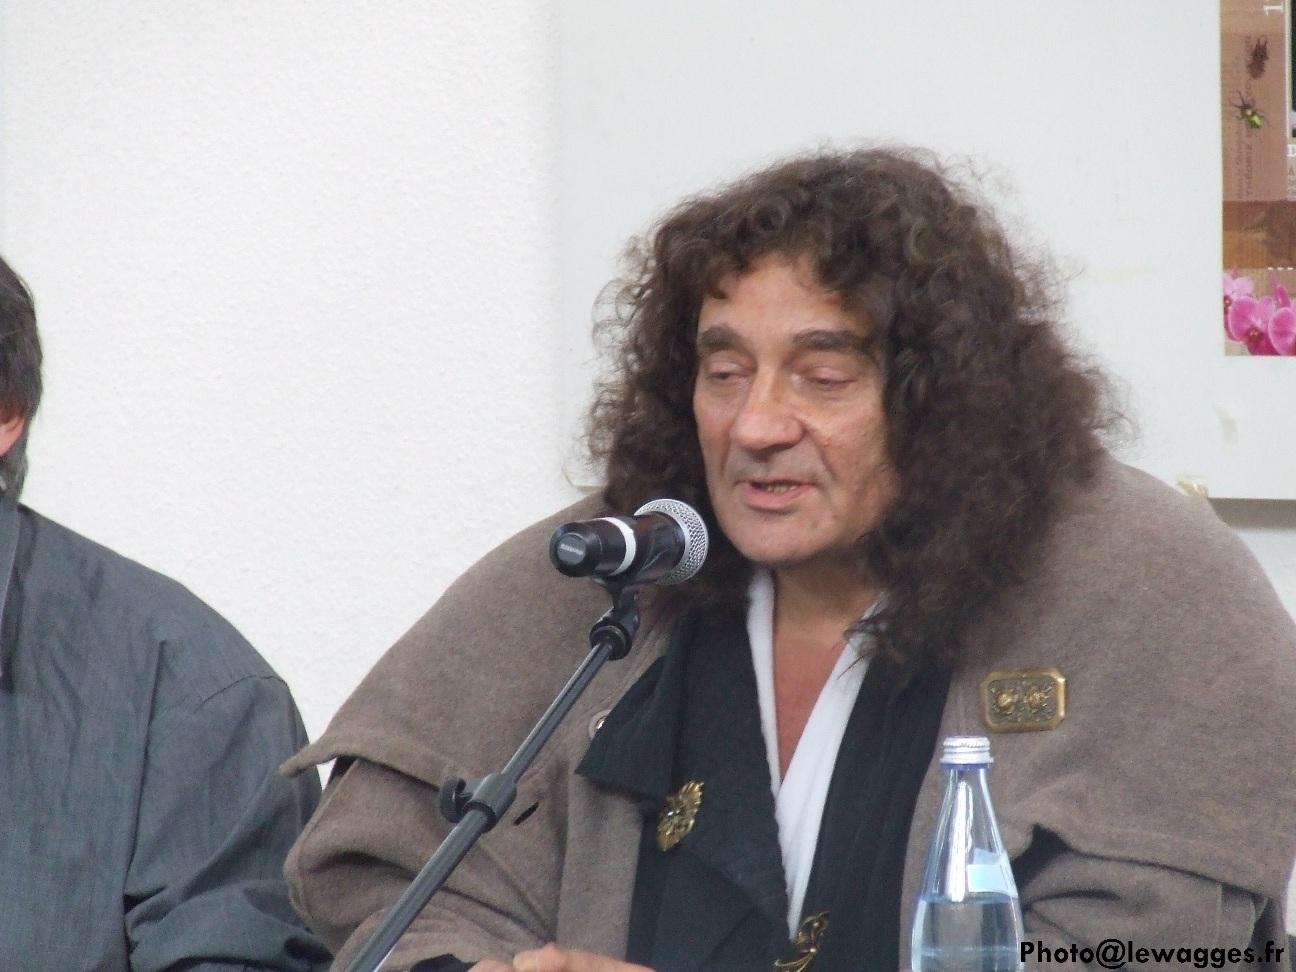 Patrick Tort lors du «Printemps des philosophes» consacré à Darwin en avril 2012 à Ribeauvillé